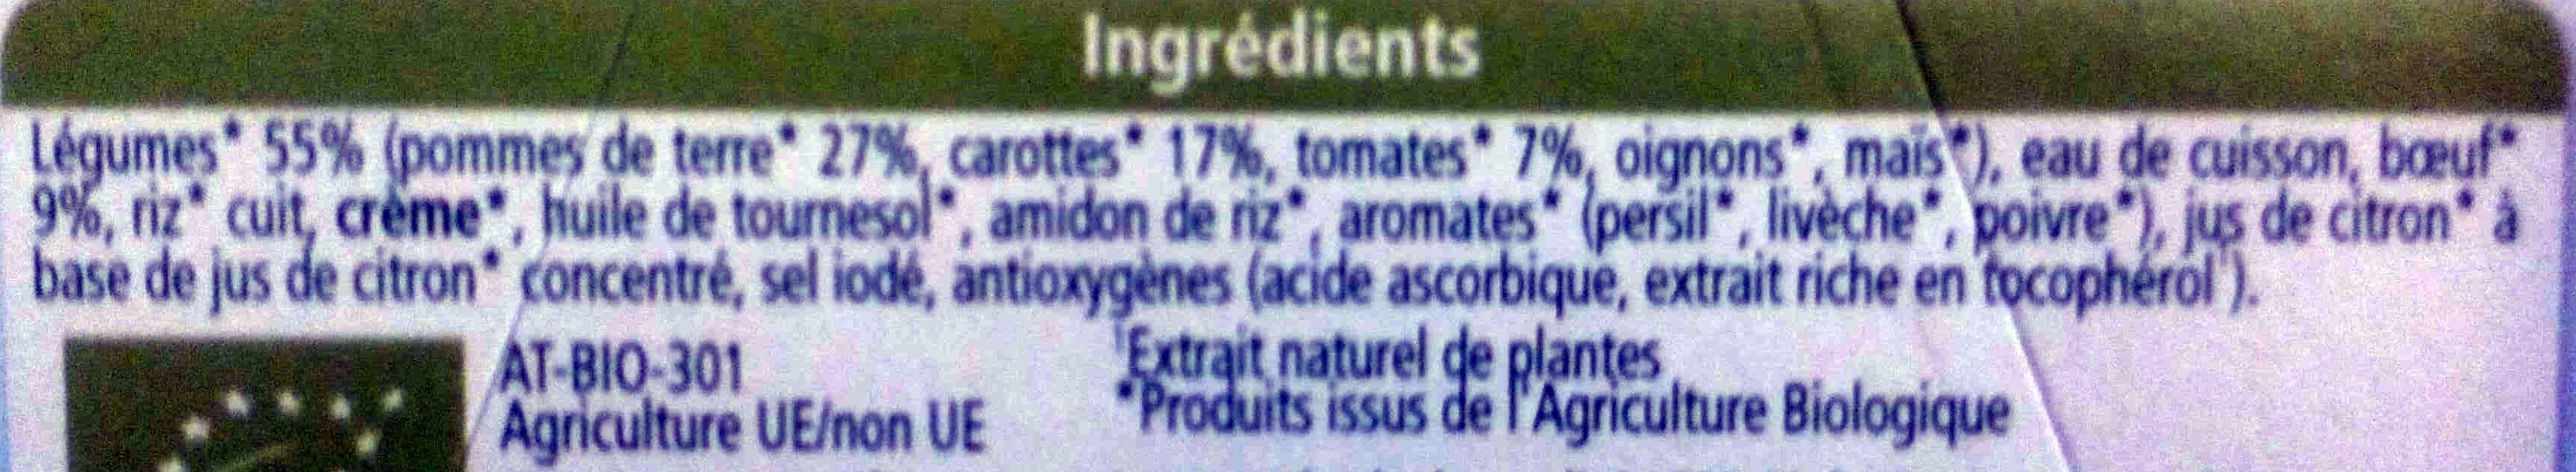 Jardinière de Légumes Bœuf biologique - Ingredienti - fr